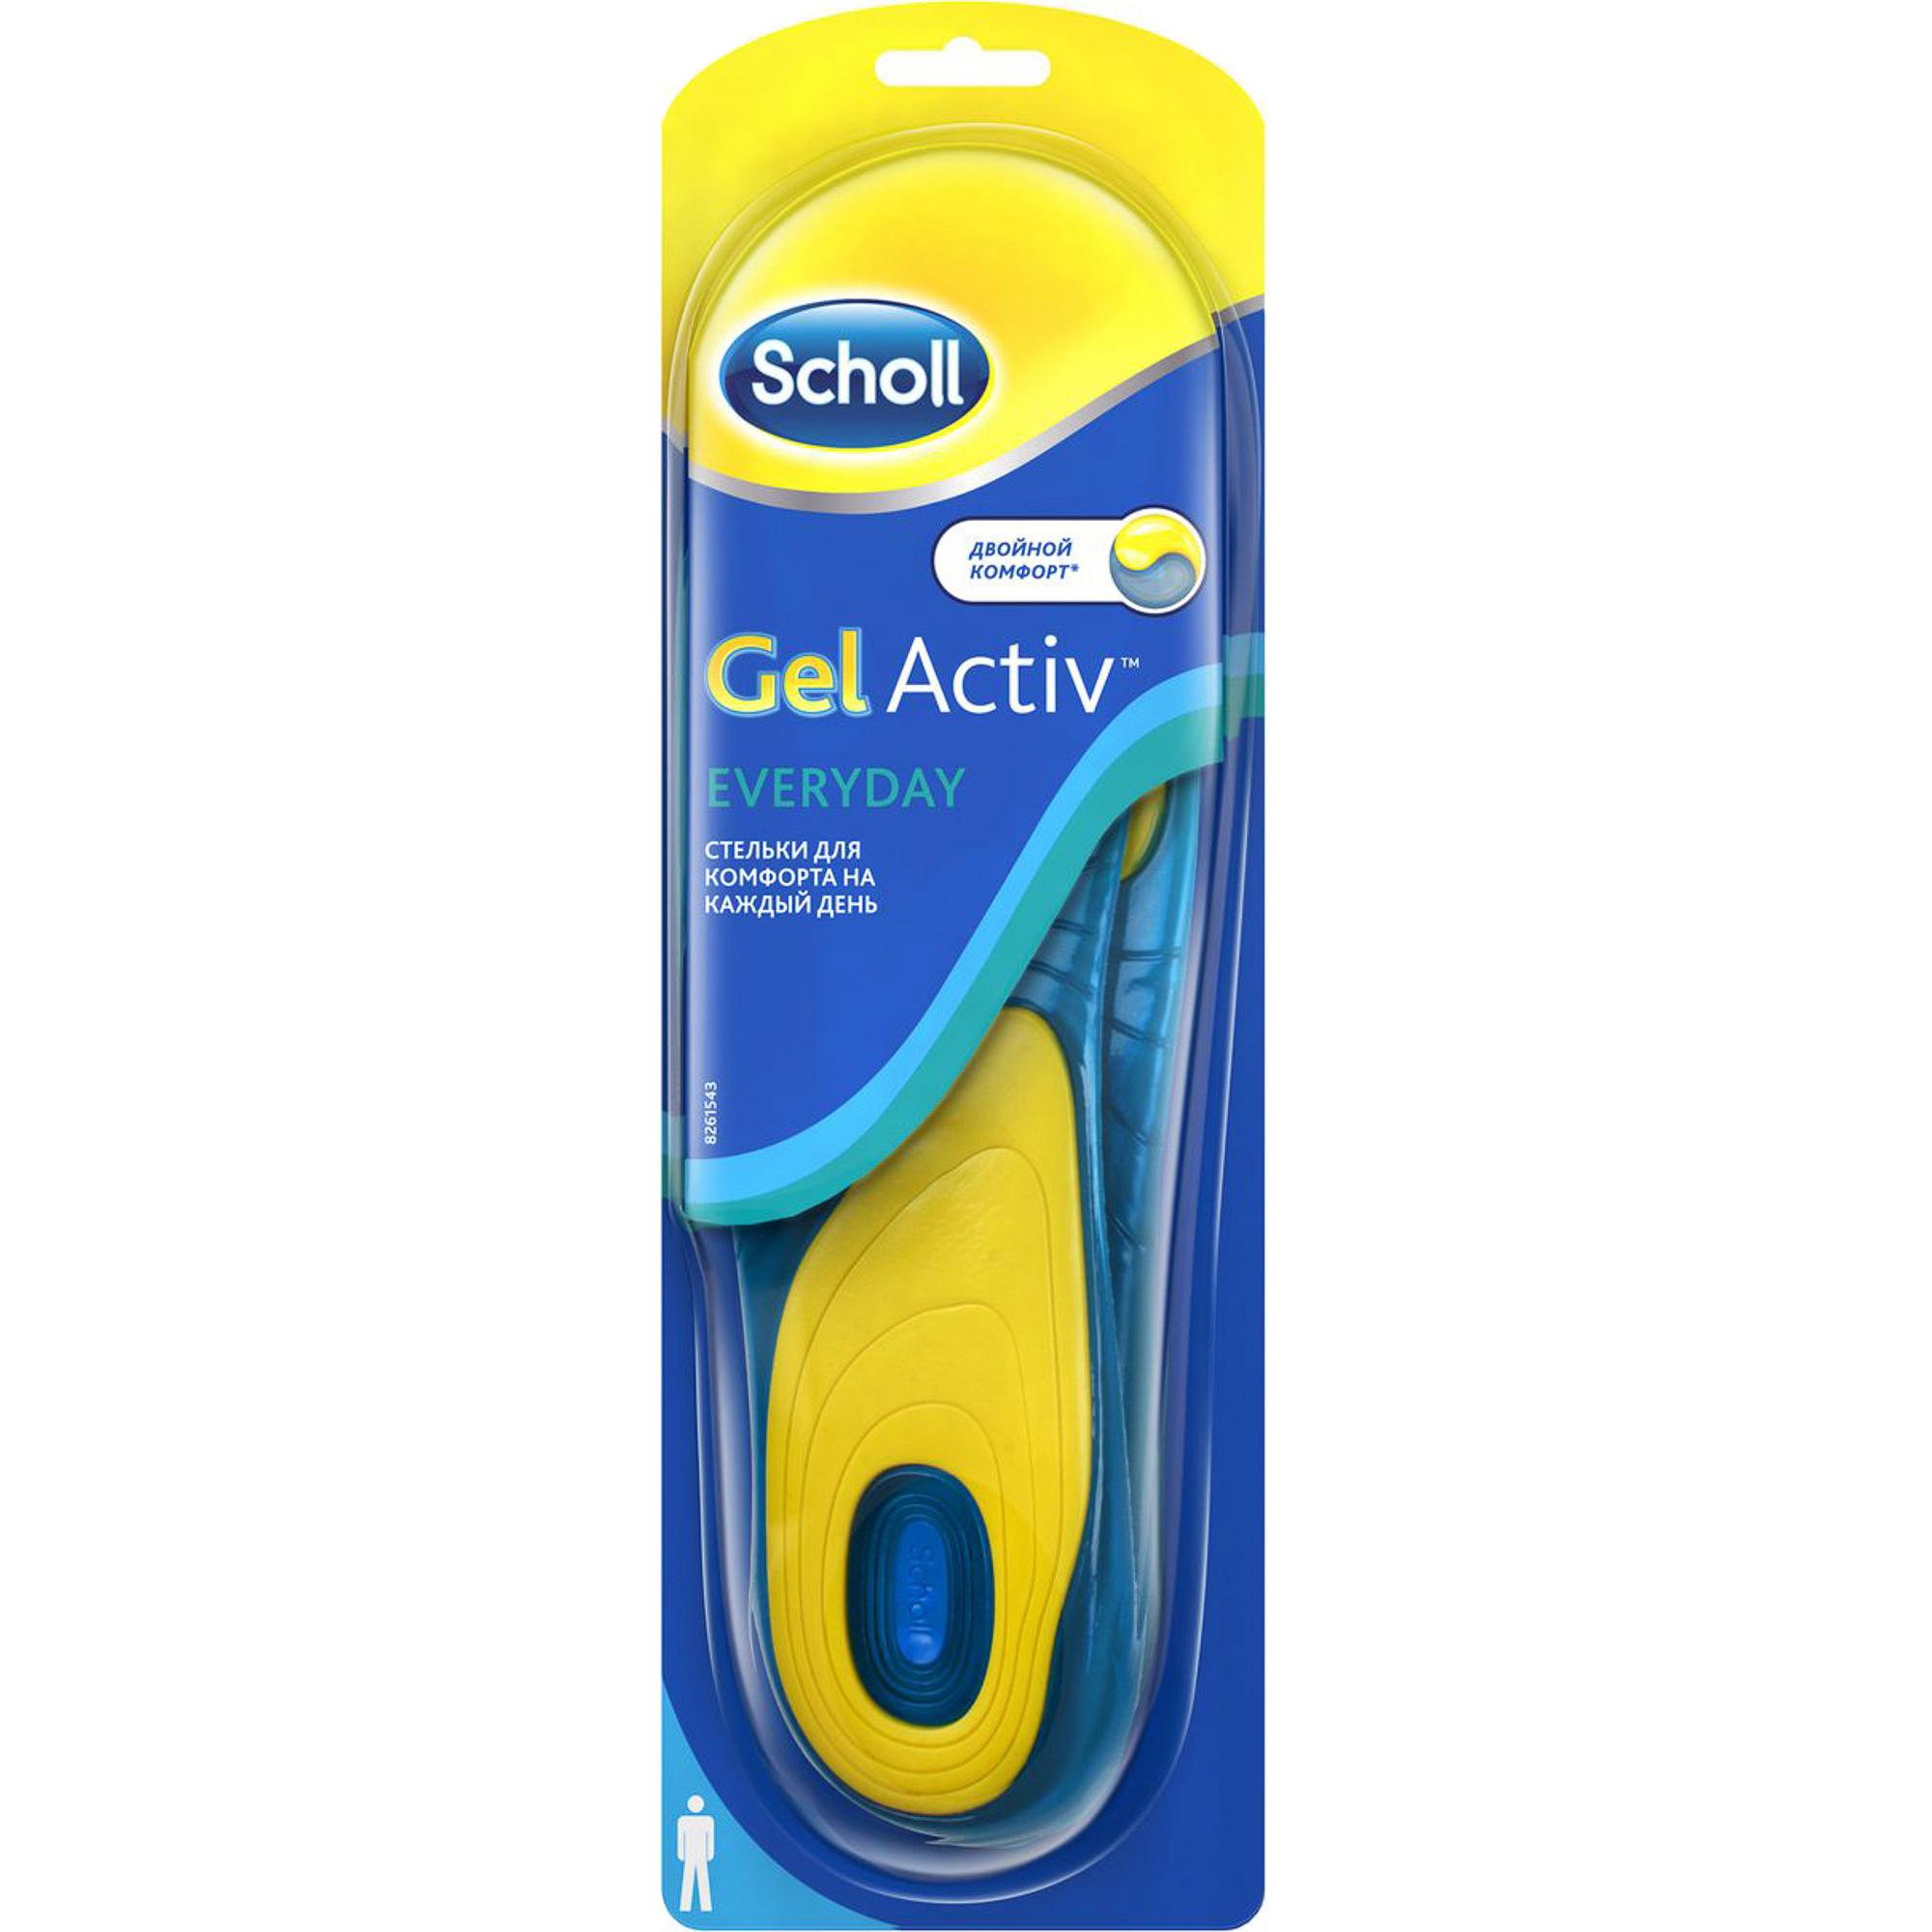 Стельки для обуви Scholl GelActiv Everyday Для мужчин